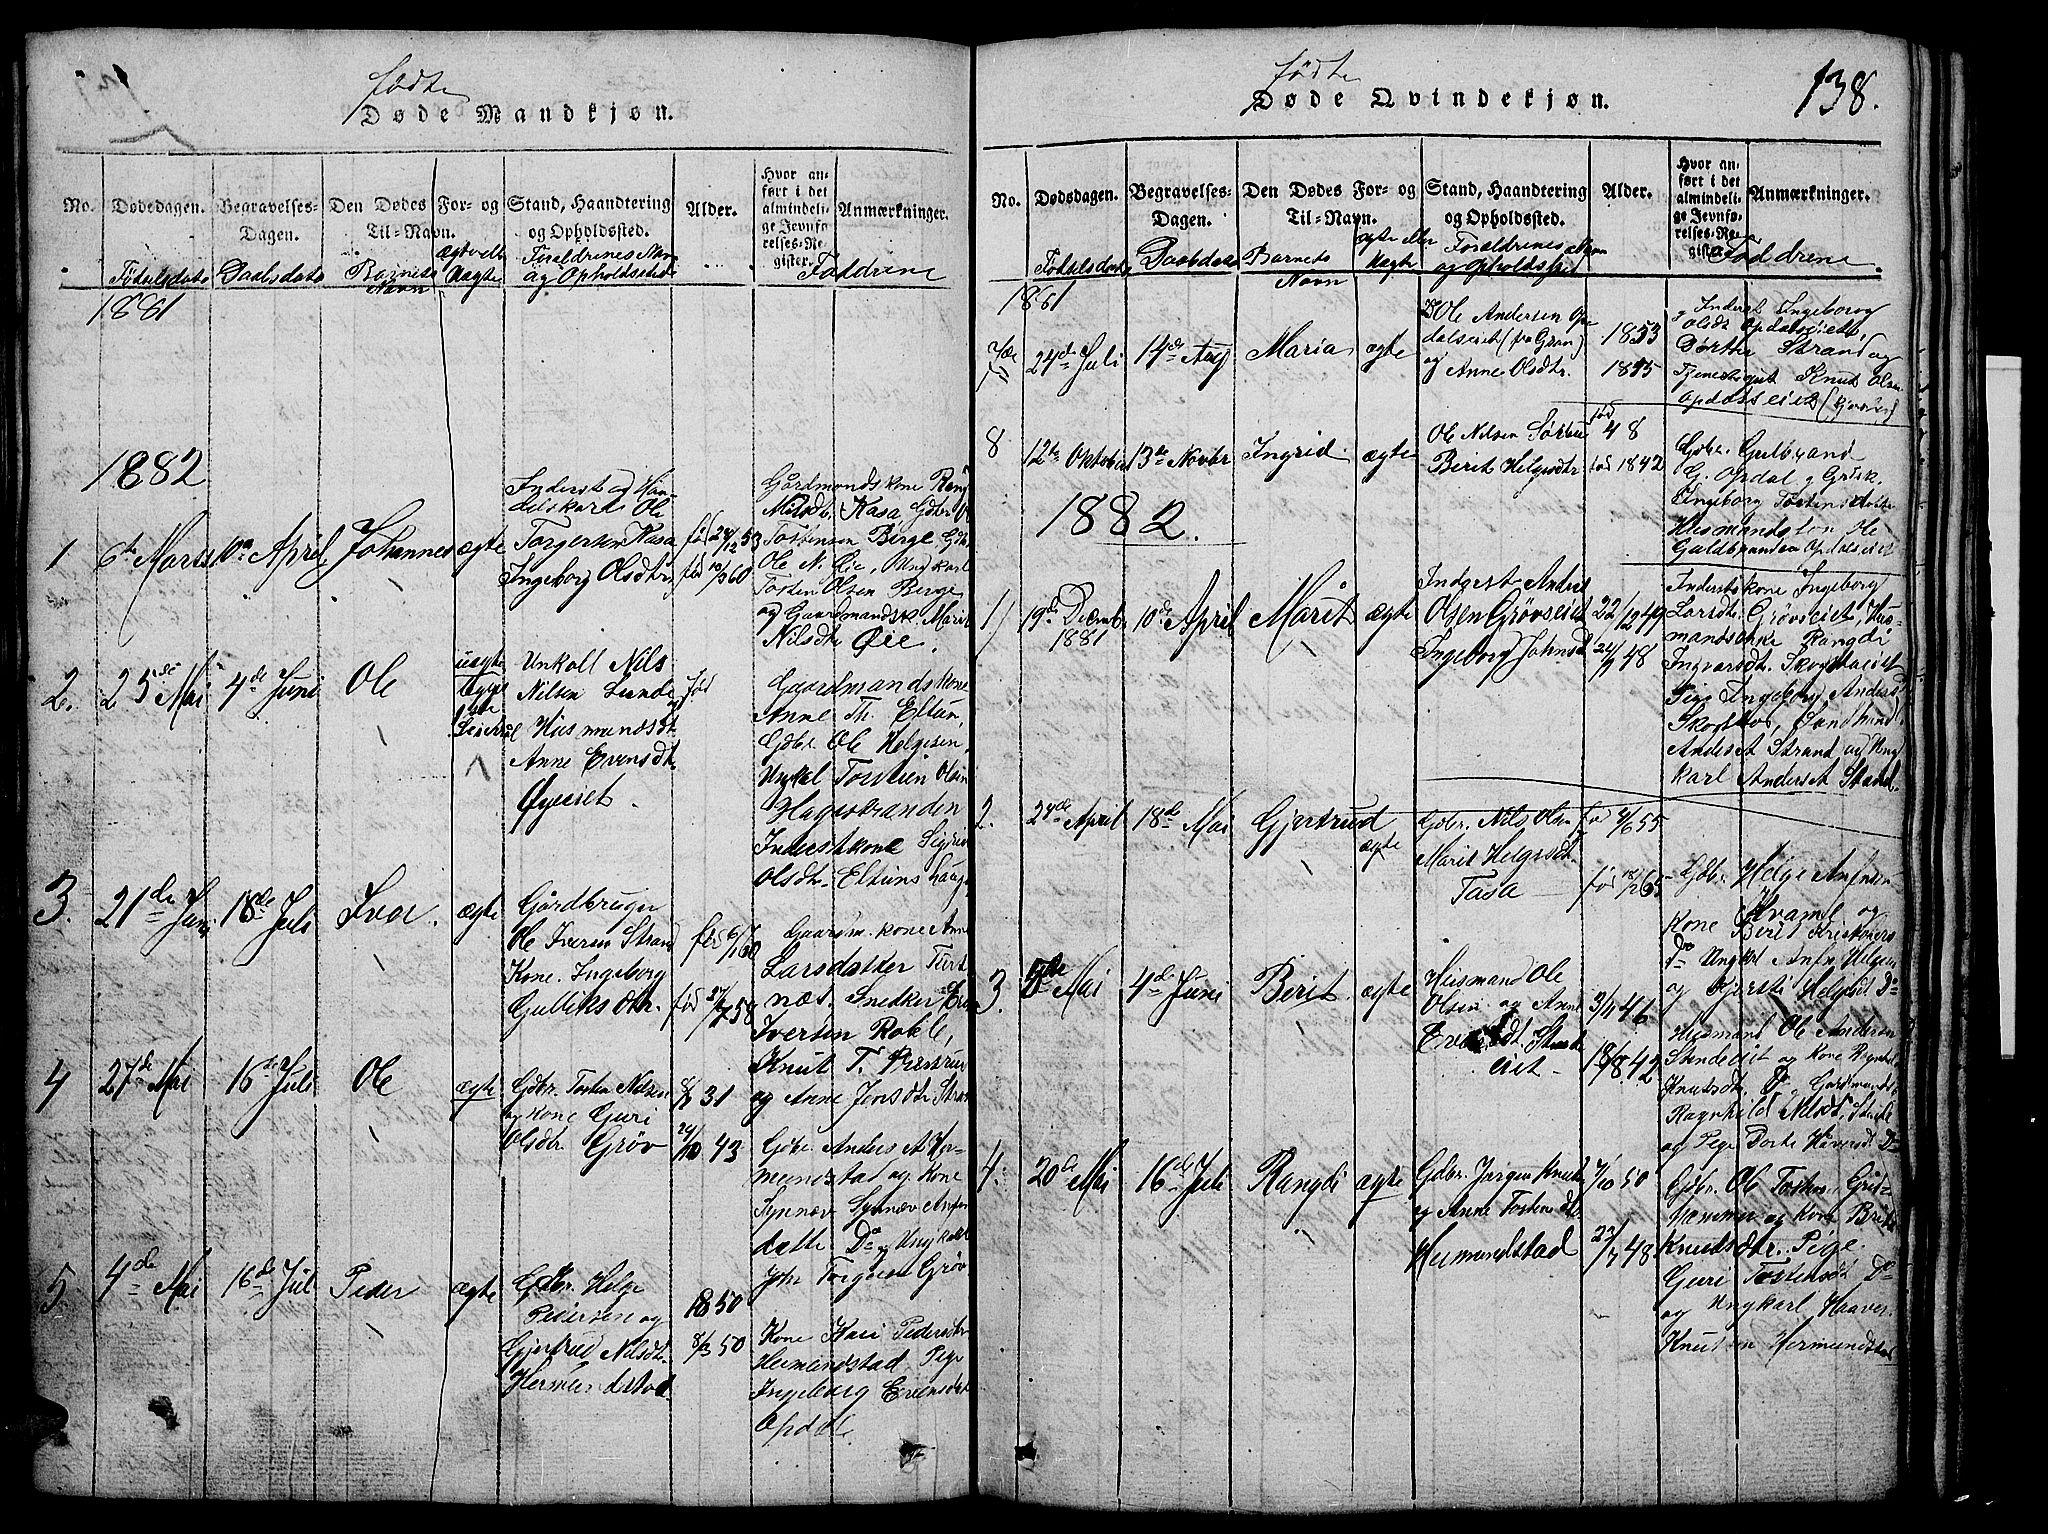 SAH, Vang prestekontor, Valdres, Klokkerbok nr. 2, 1814-1889, s. 138